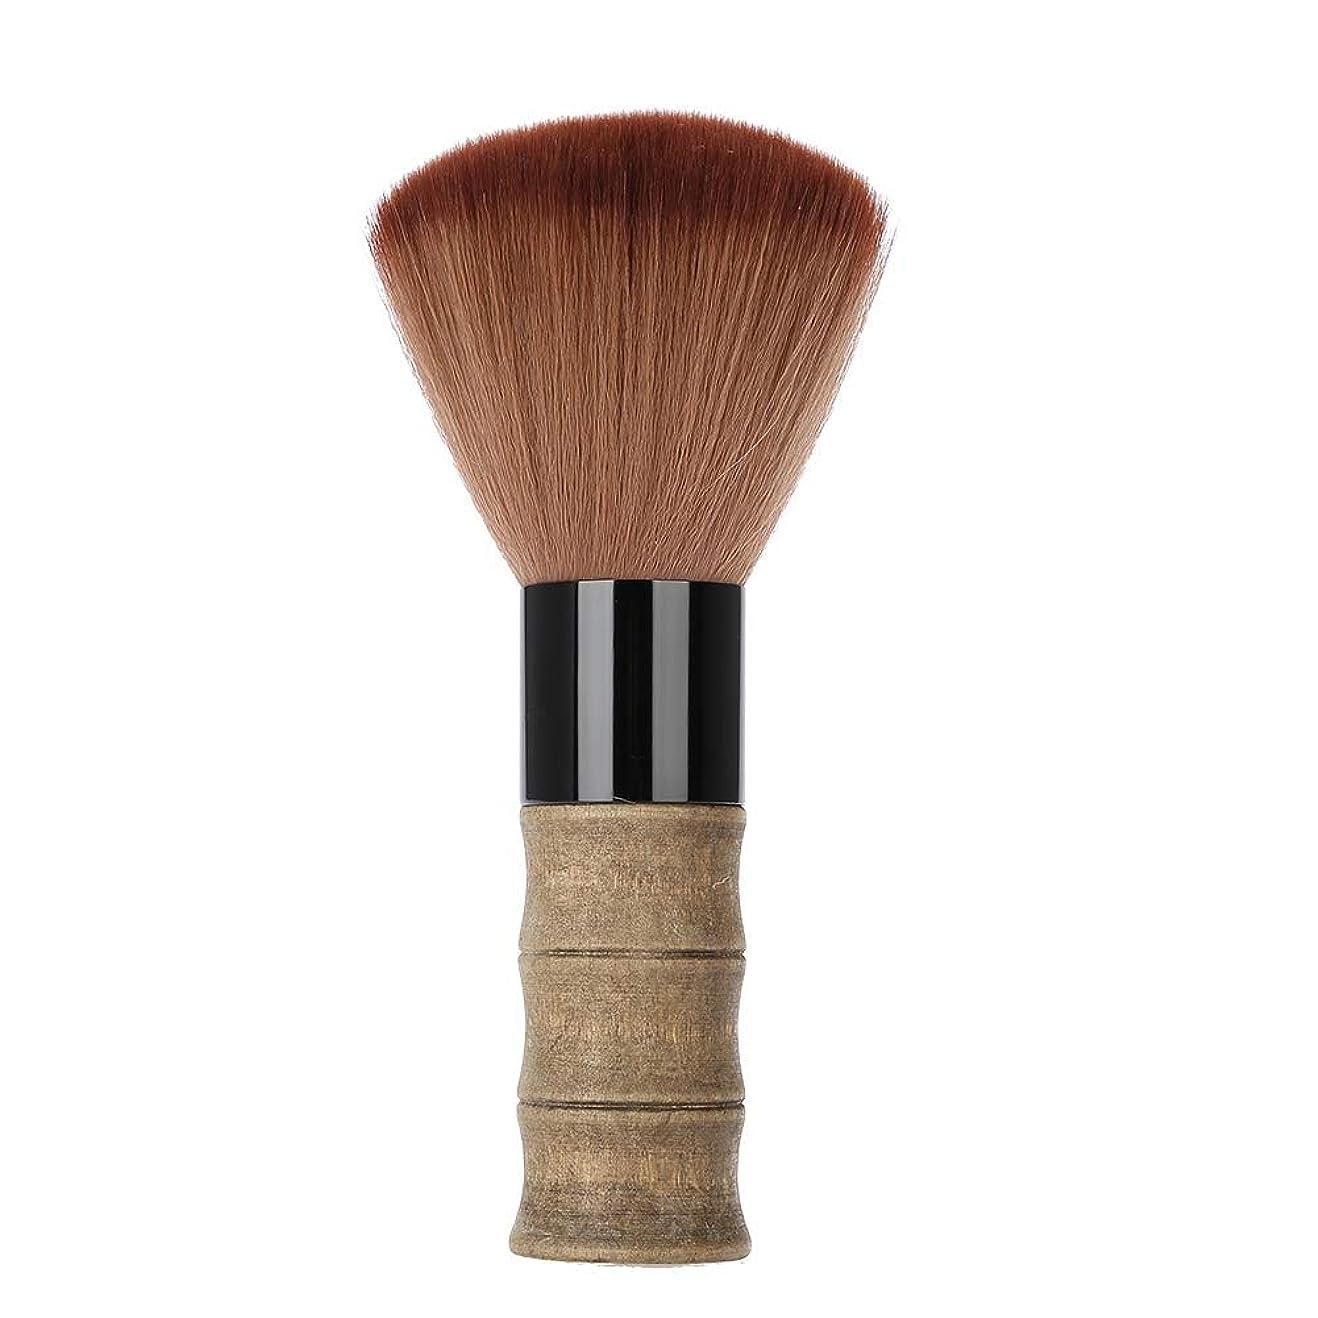 実験室ビリー厳密にヘアブラシ ヘアカット ヘアスポンジ ネック理髪店 掃除前髪 美容院 家用 携帯用